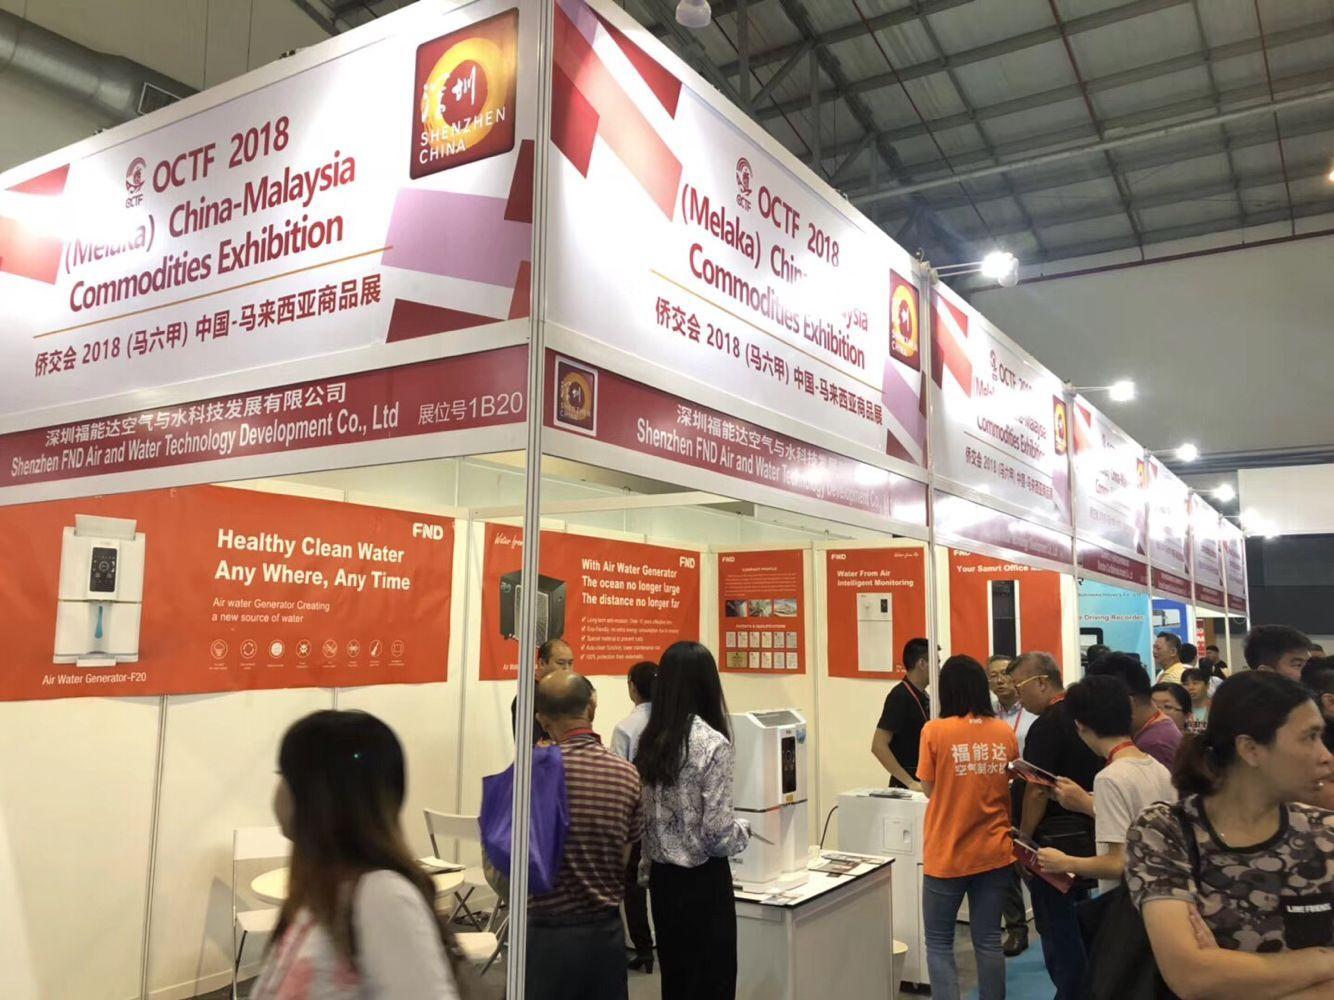 马来西亚展会照片2018.09.jpg